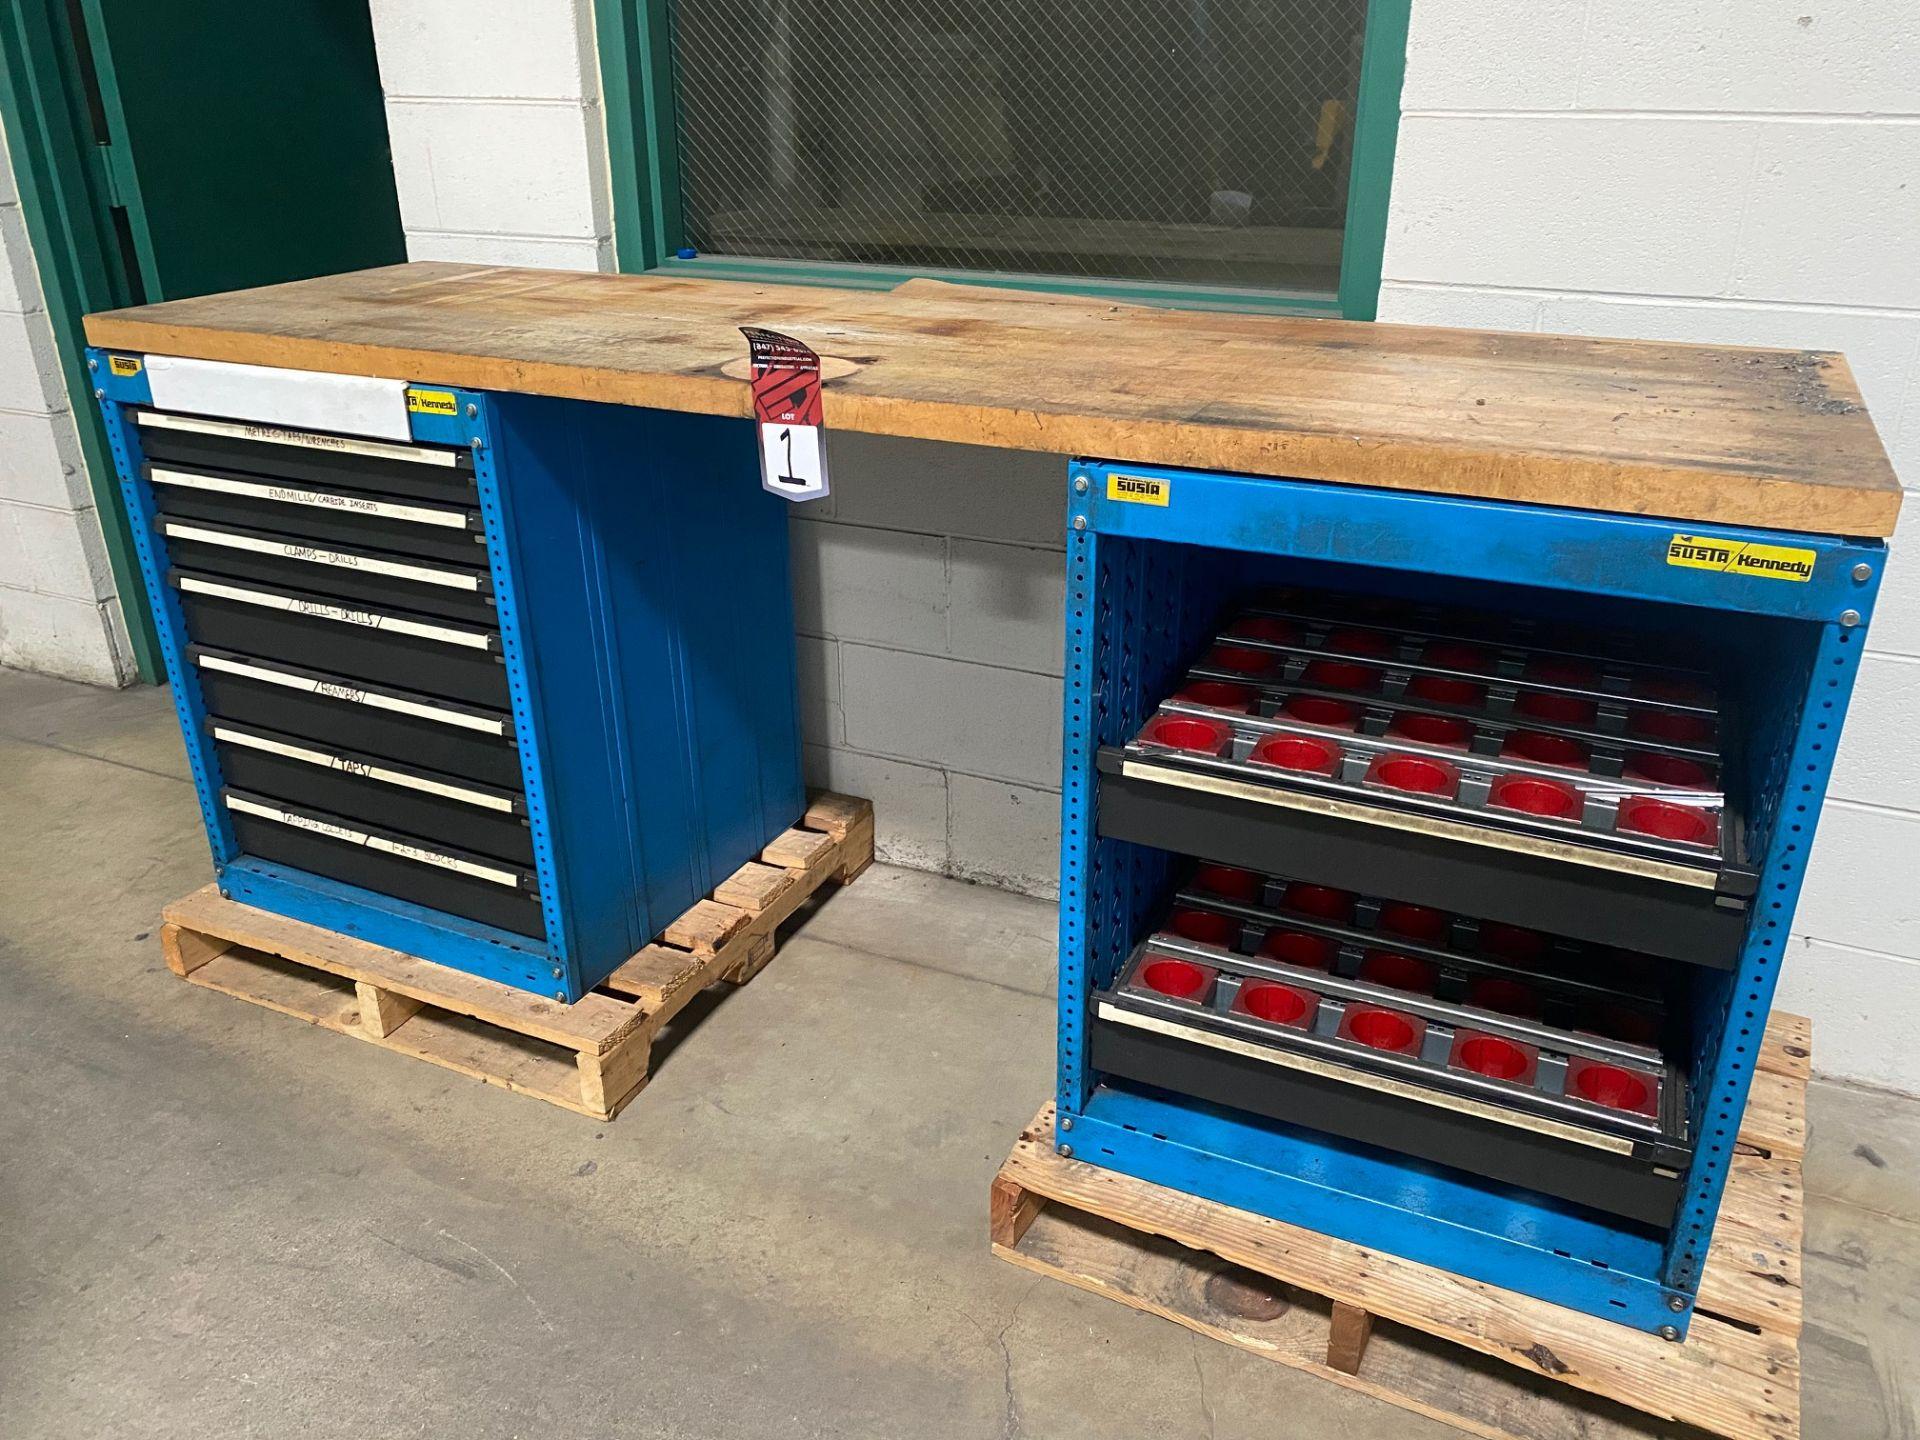 """Lot 1 - SUSTA/KENNEDY Wood Top Work Bench, 23.5"""" x 79"""" Top, w/ Ball Bearing Drawer Base"""